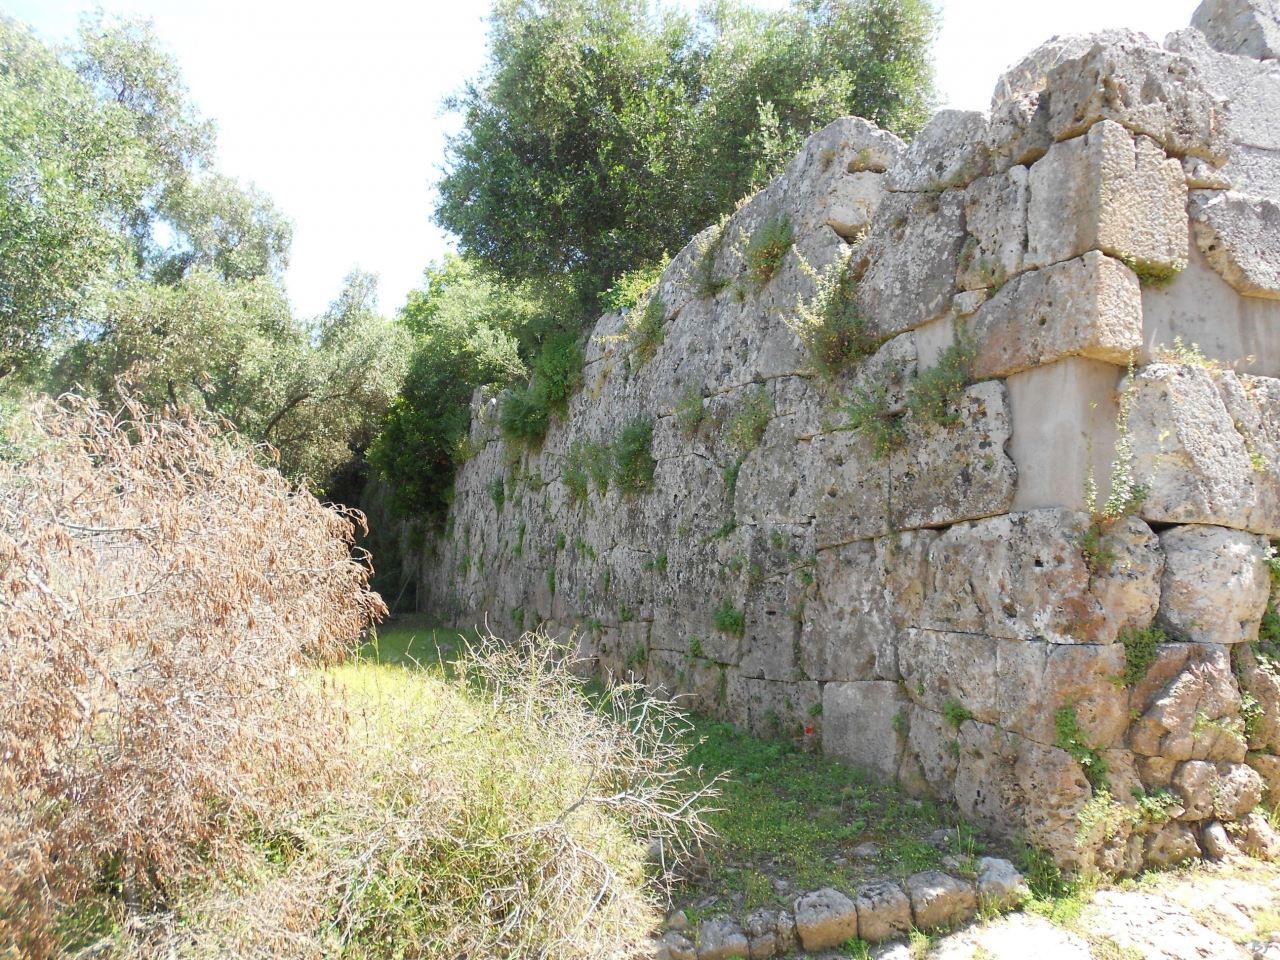 Cosa-Mura-Megalitiche-Ansedonia-Grosseto-Toscana-Italia-46